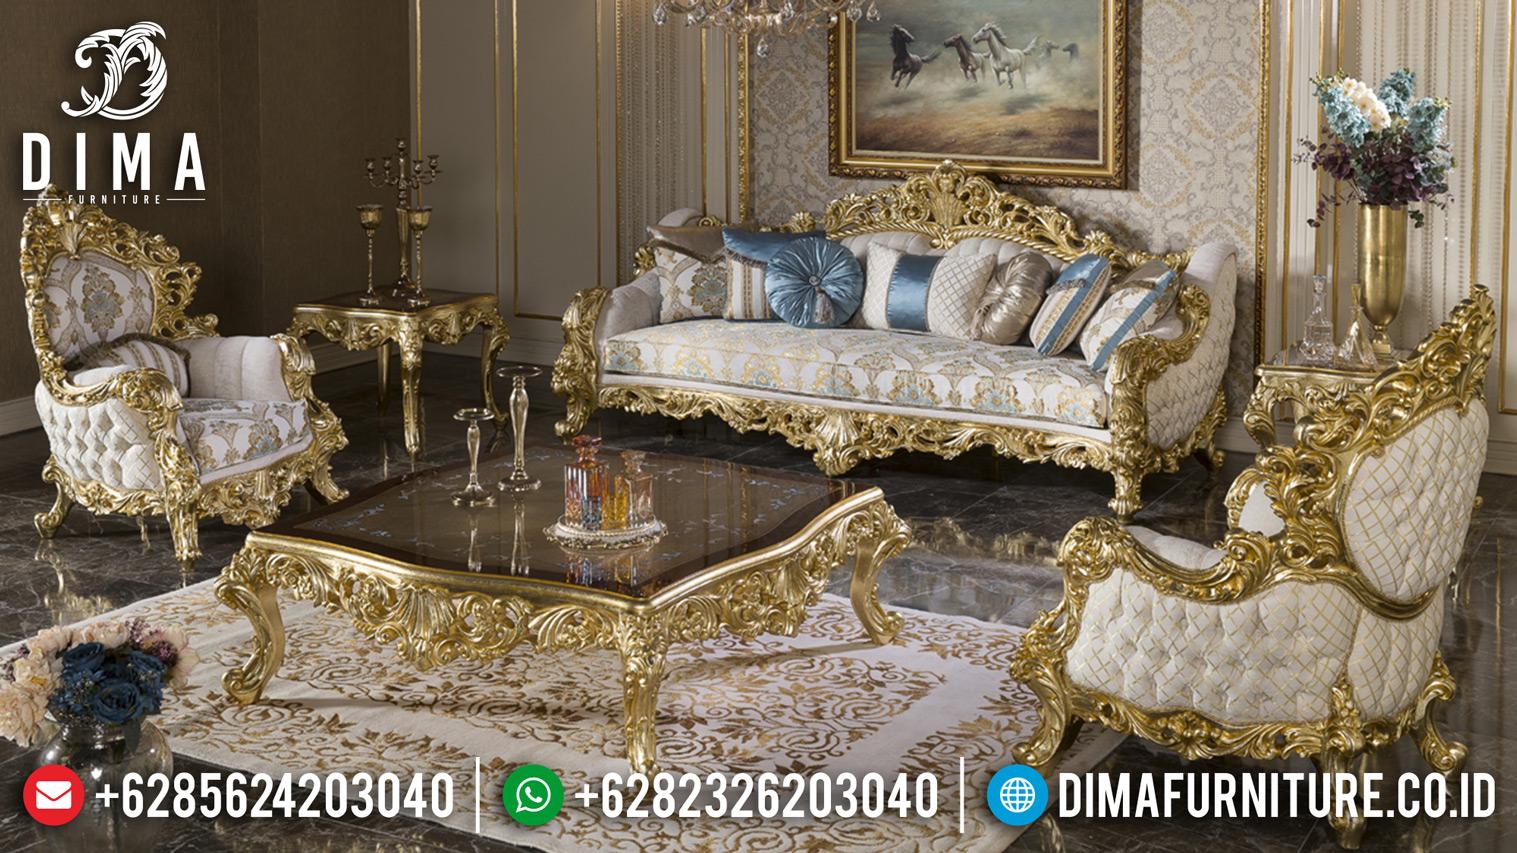 Model Sofa Tamu Jepara 2019-2020 012 Dima Furniture Jepara